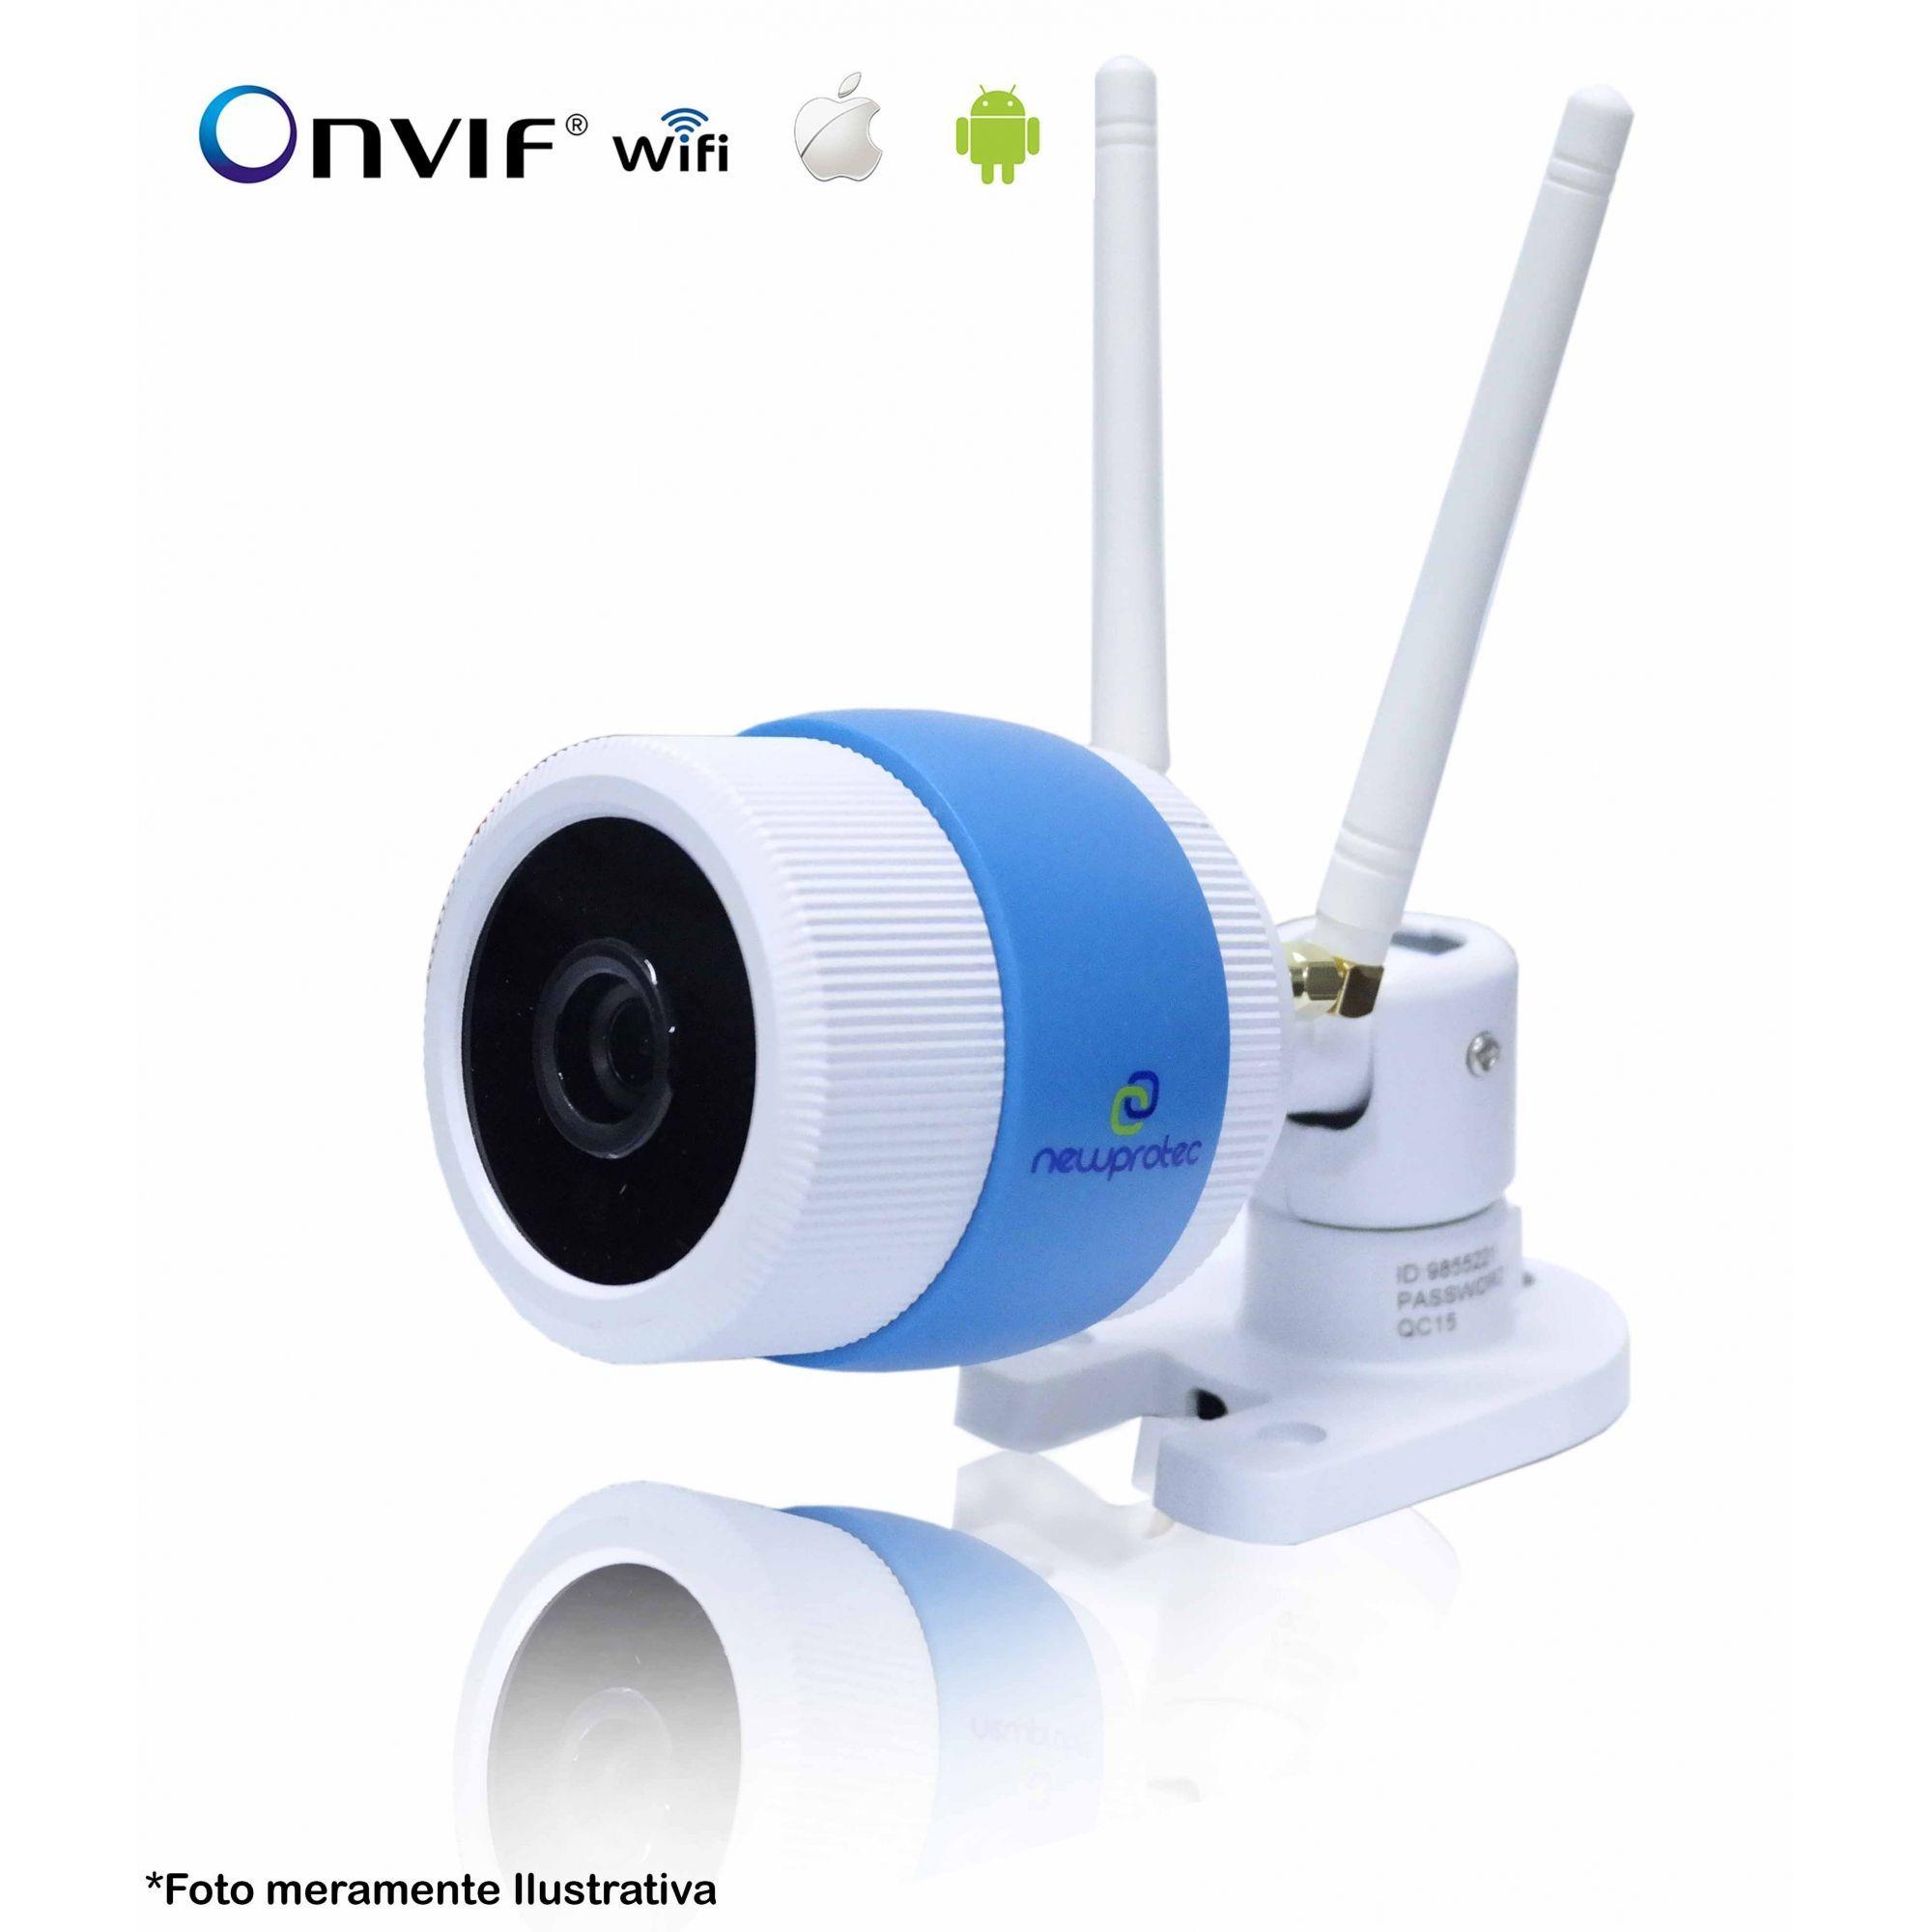 8ce6cc4f8 Câmera de Segurança IP Onvif Bullet Sem Fio Wifi Full HD 1080p ...